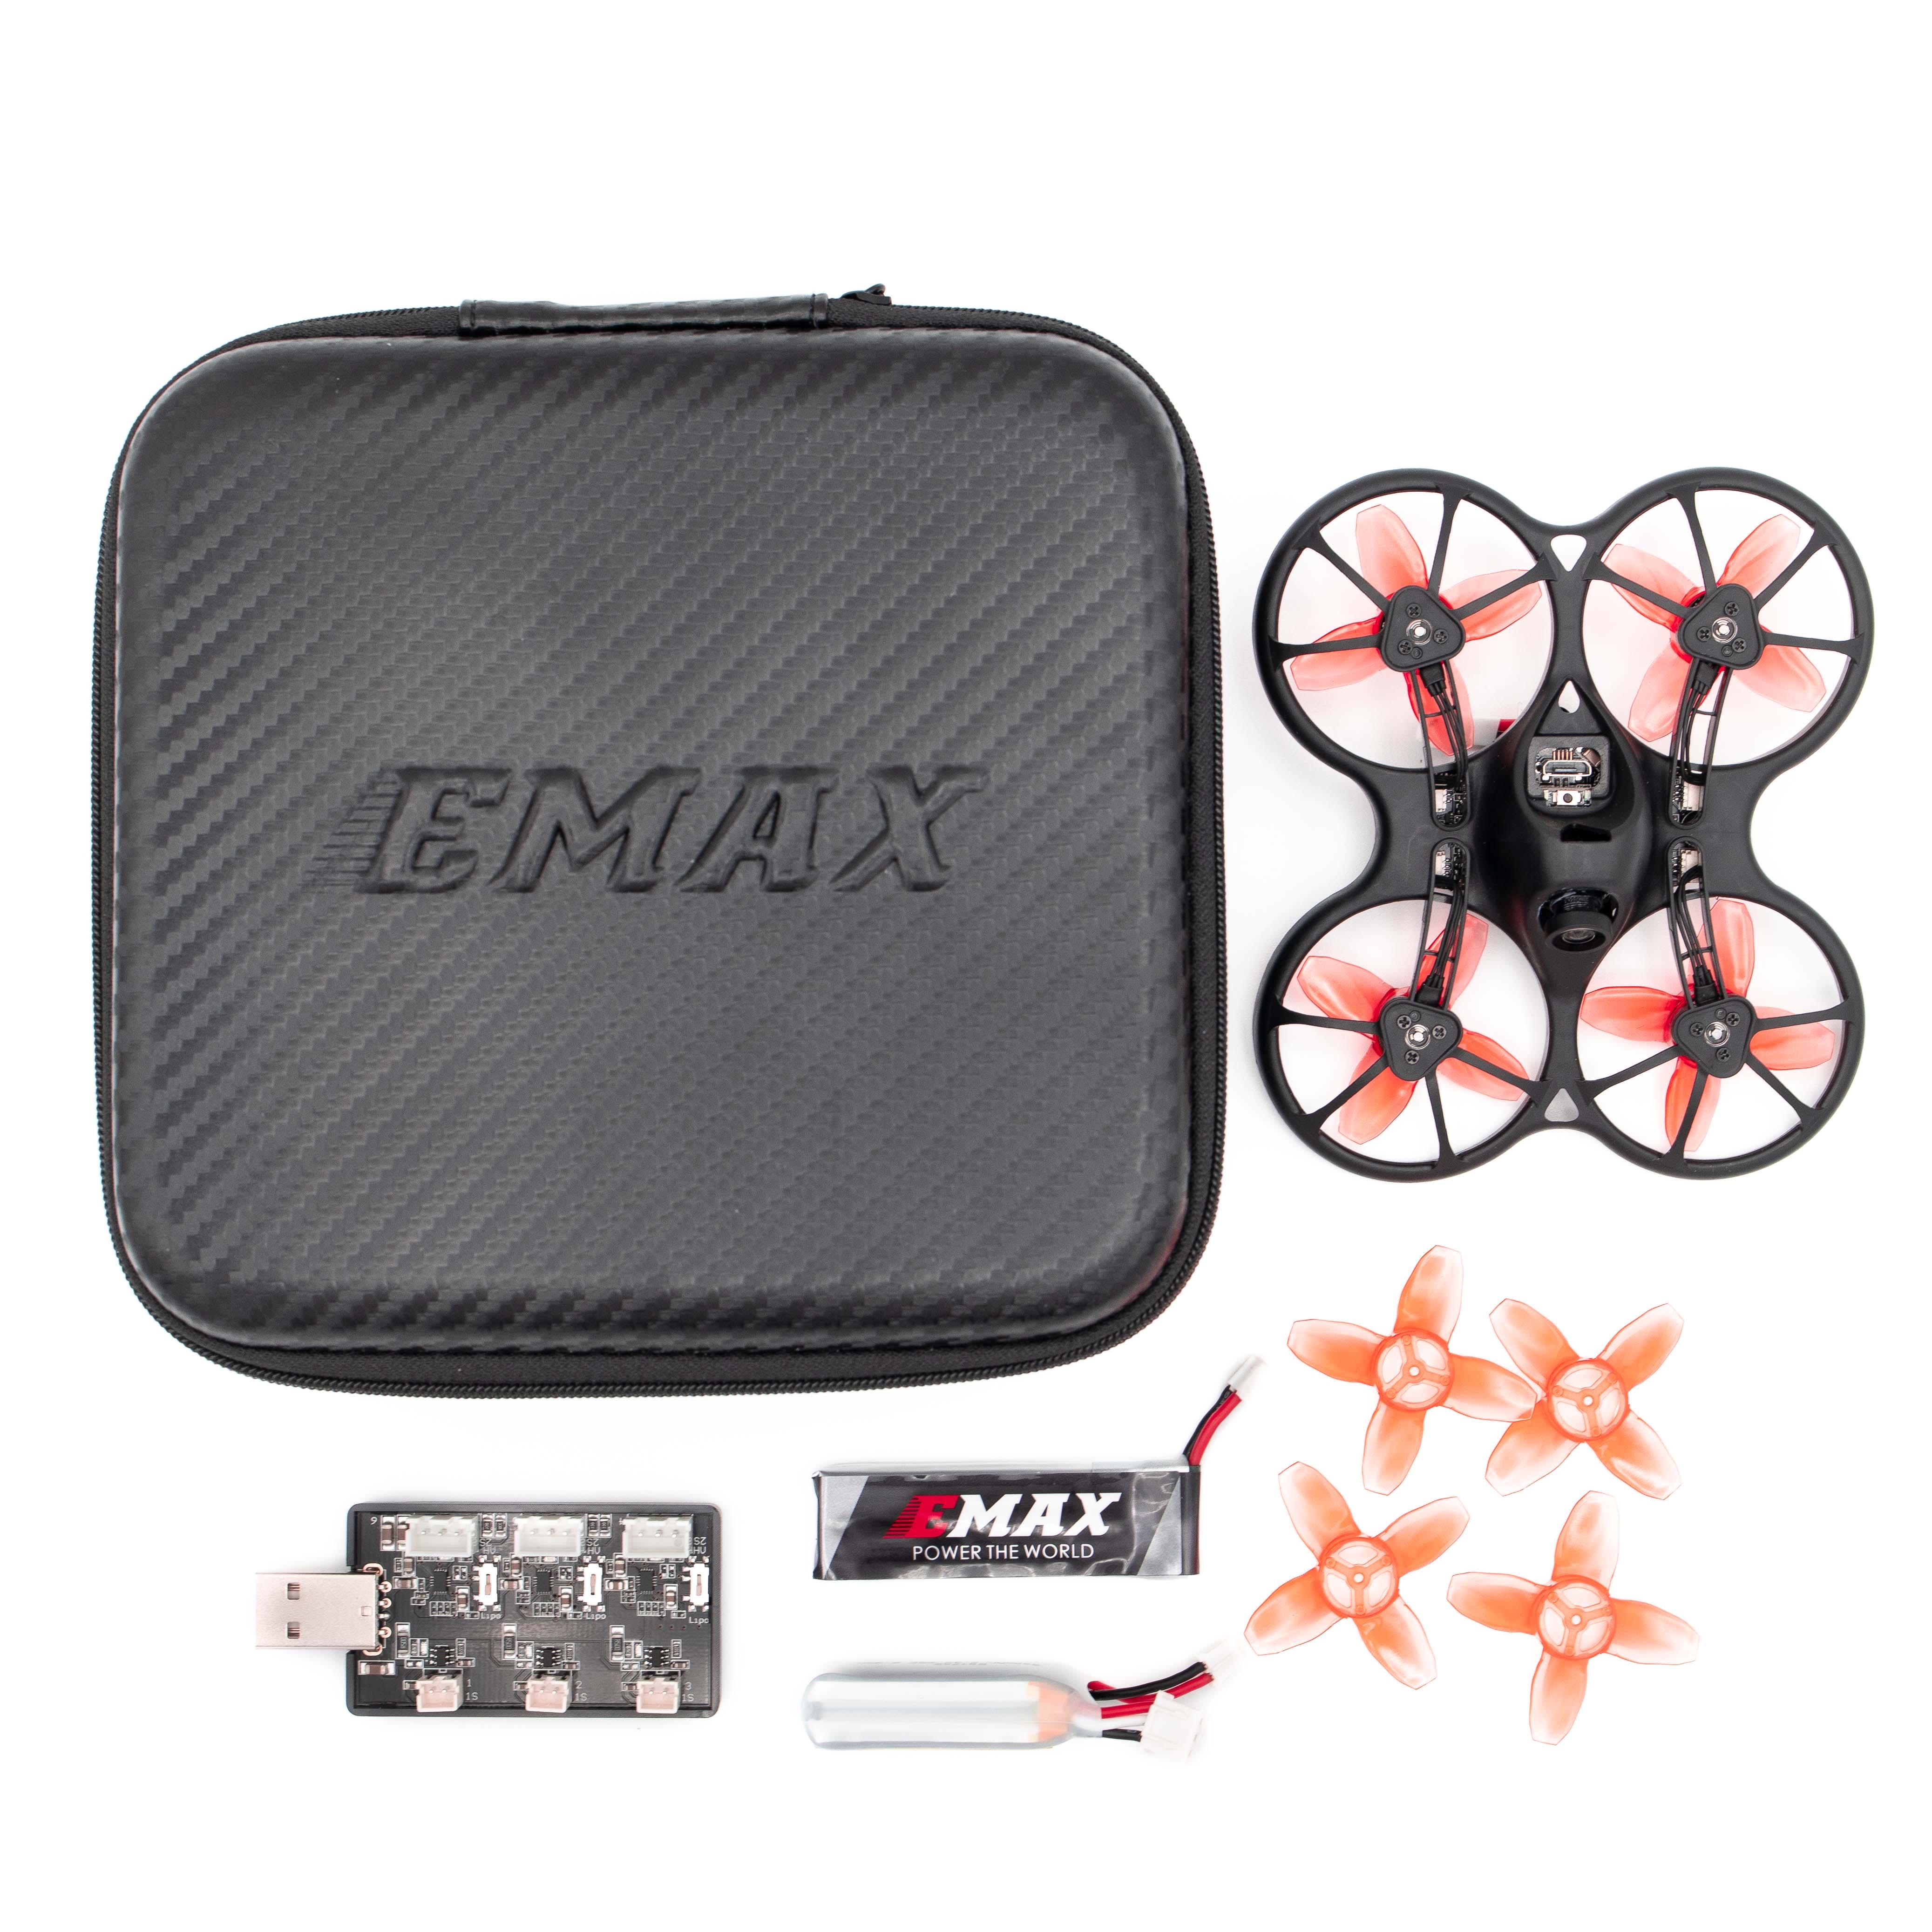 Más Emax 2S Tinyhawk S Mini FPV Racing Drone con cámara 0802 15500KV Motor sin escobillas 1/2S de la batería RC avión